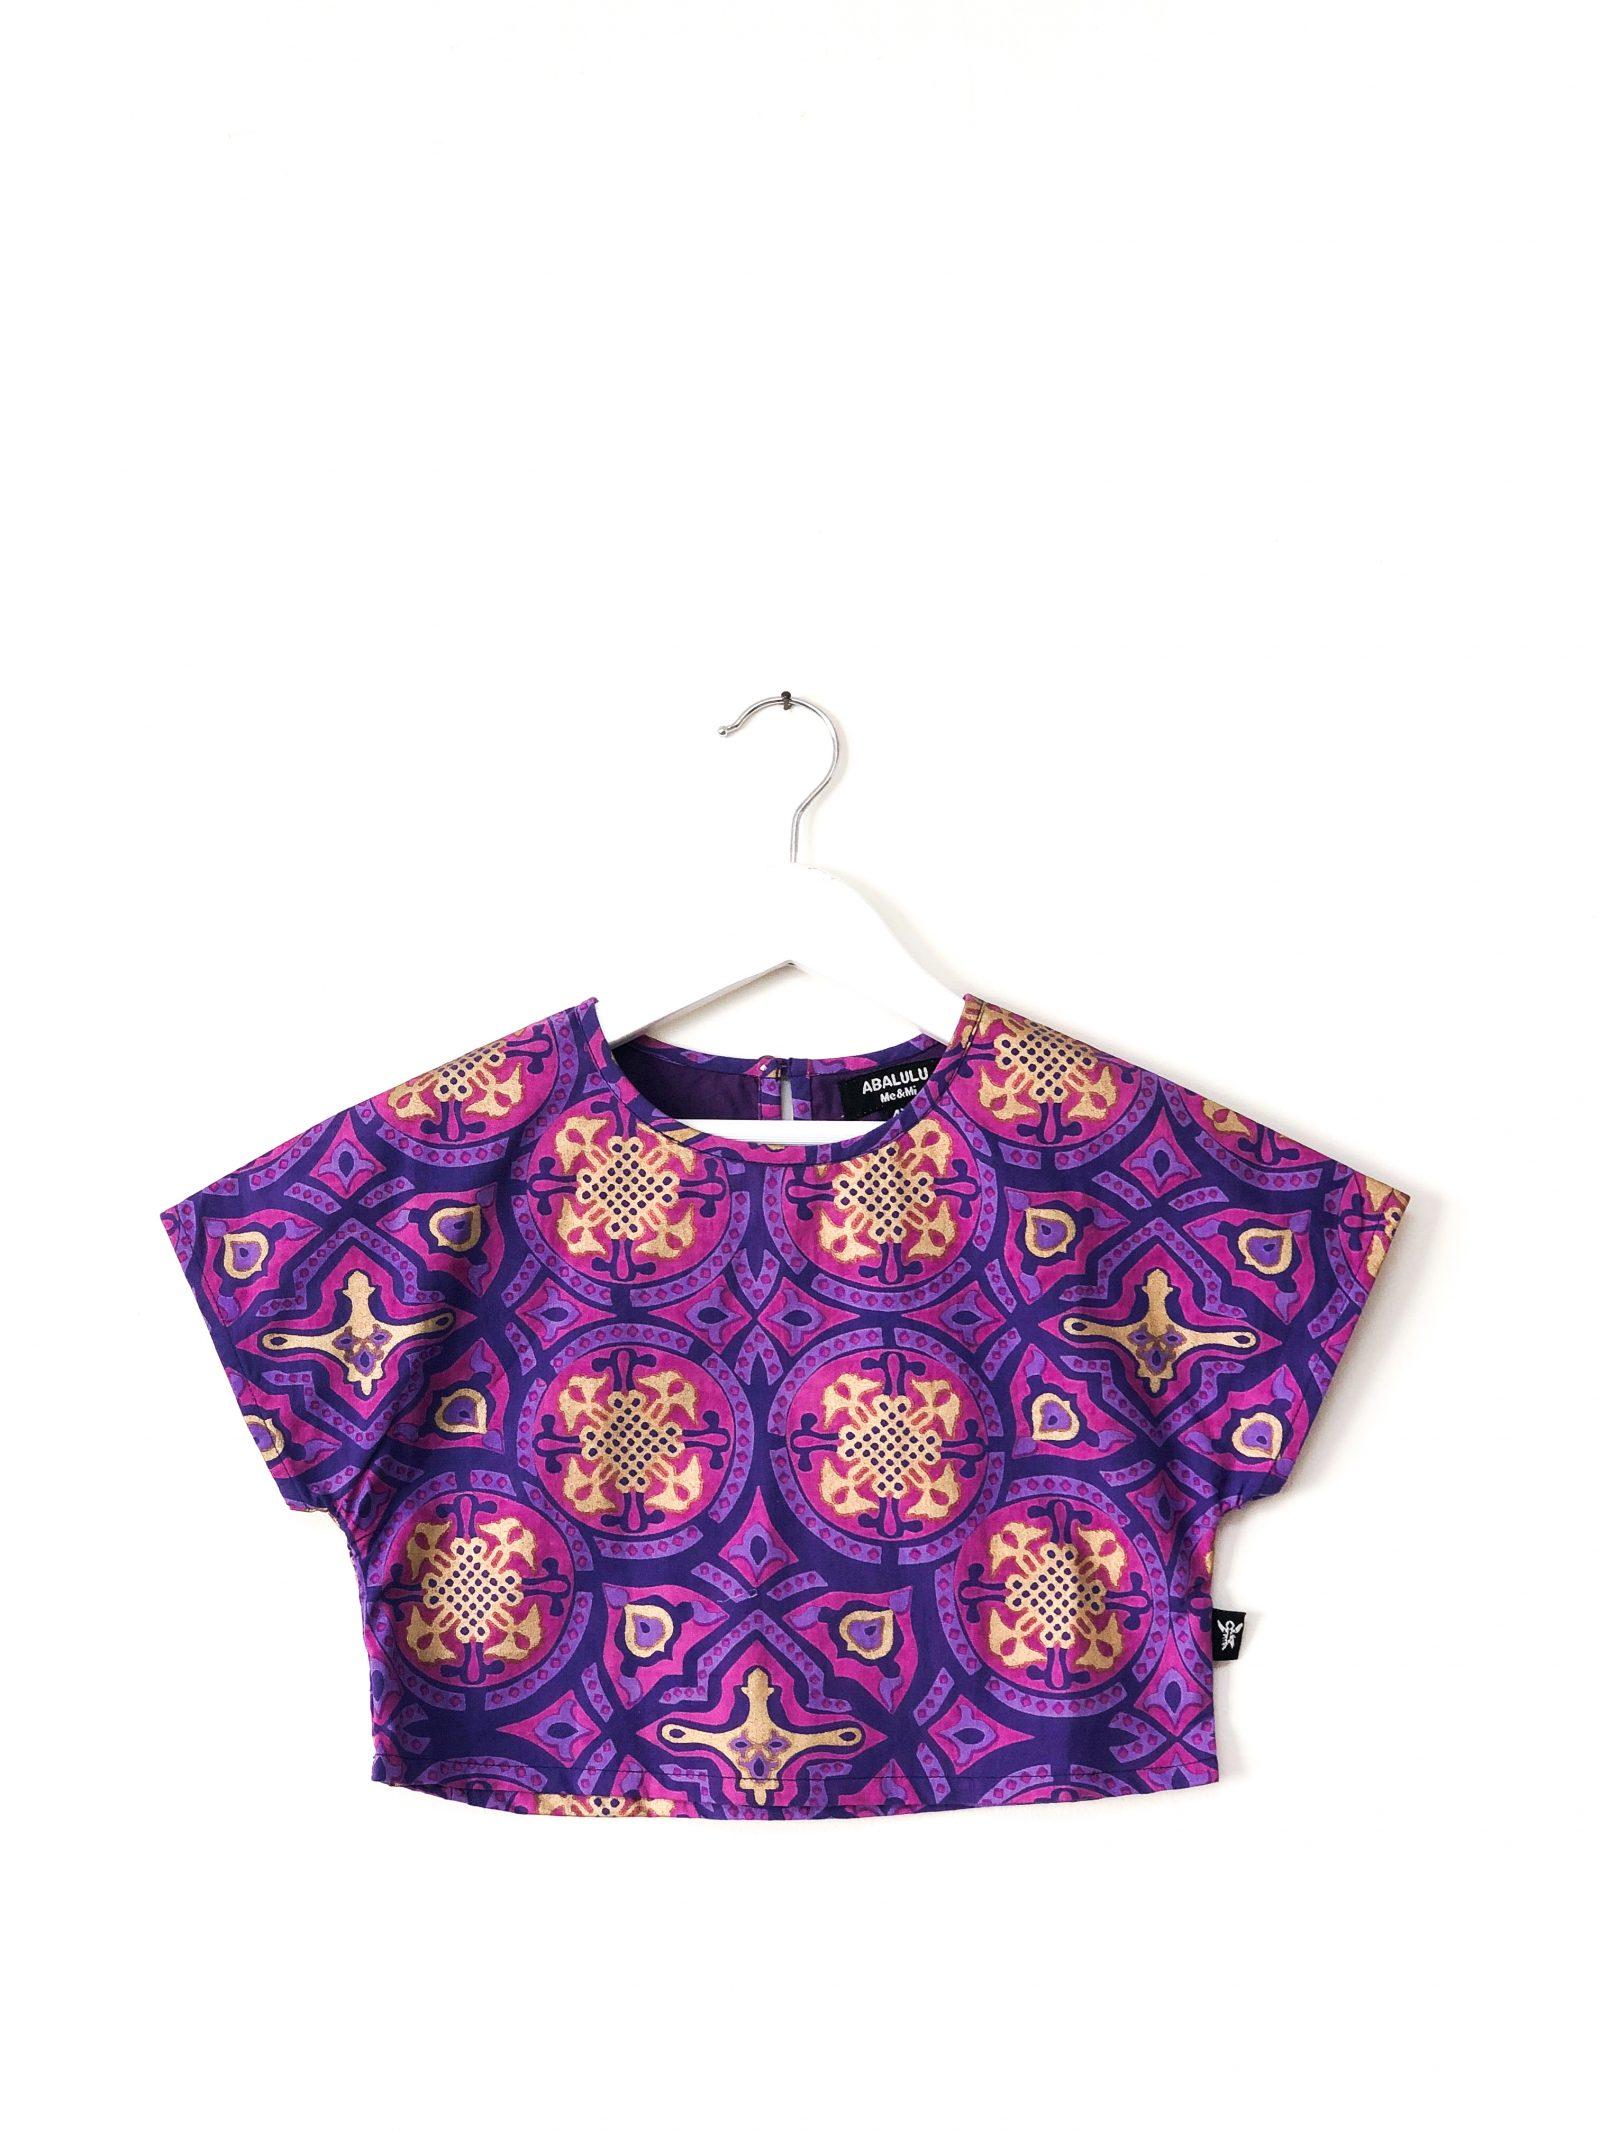 arabesque shirt for girls